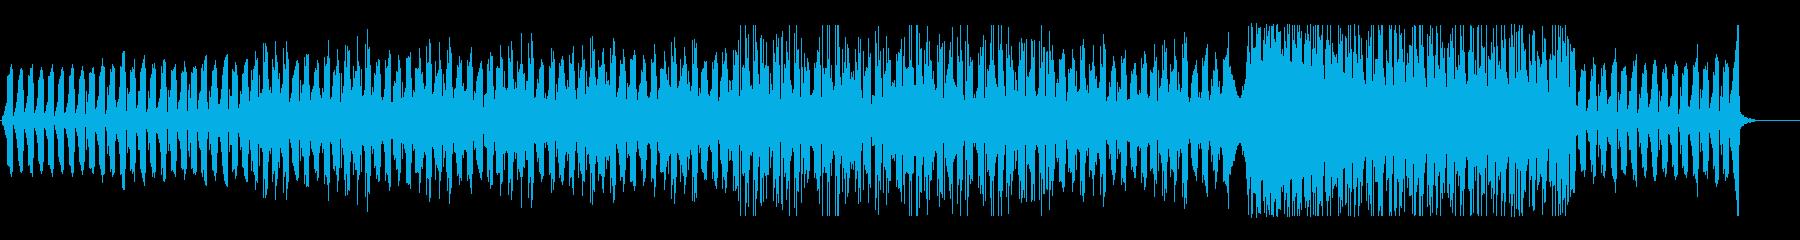 神秘的で無機質なテクスチャーの再生済みの波形